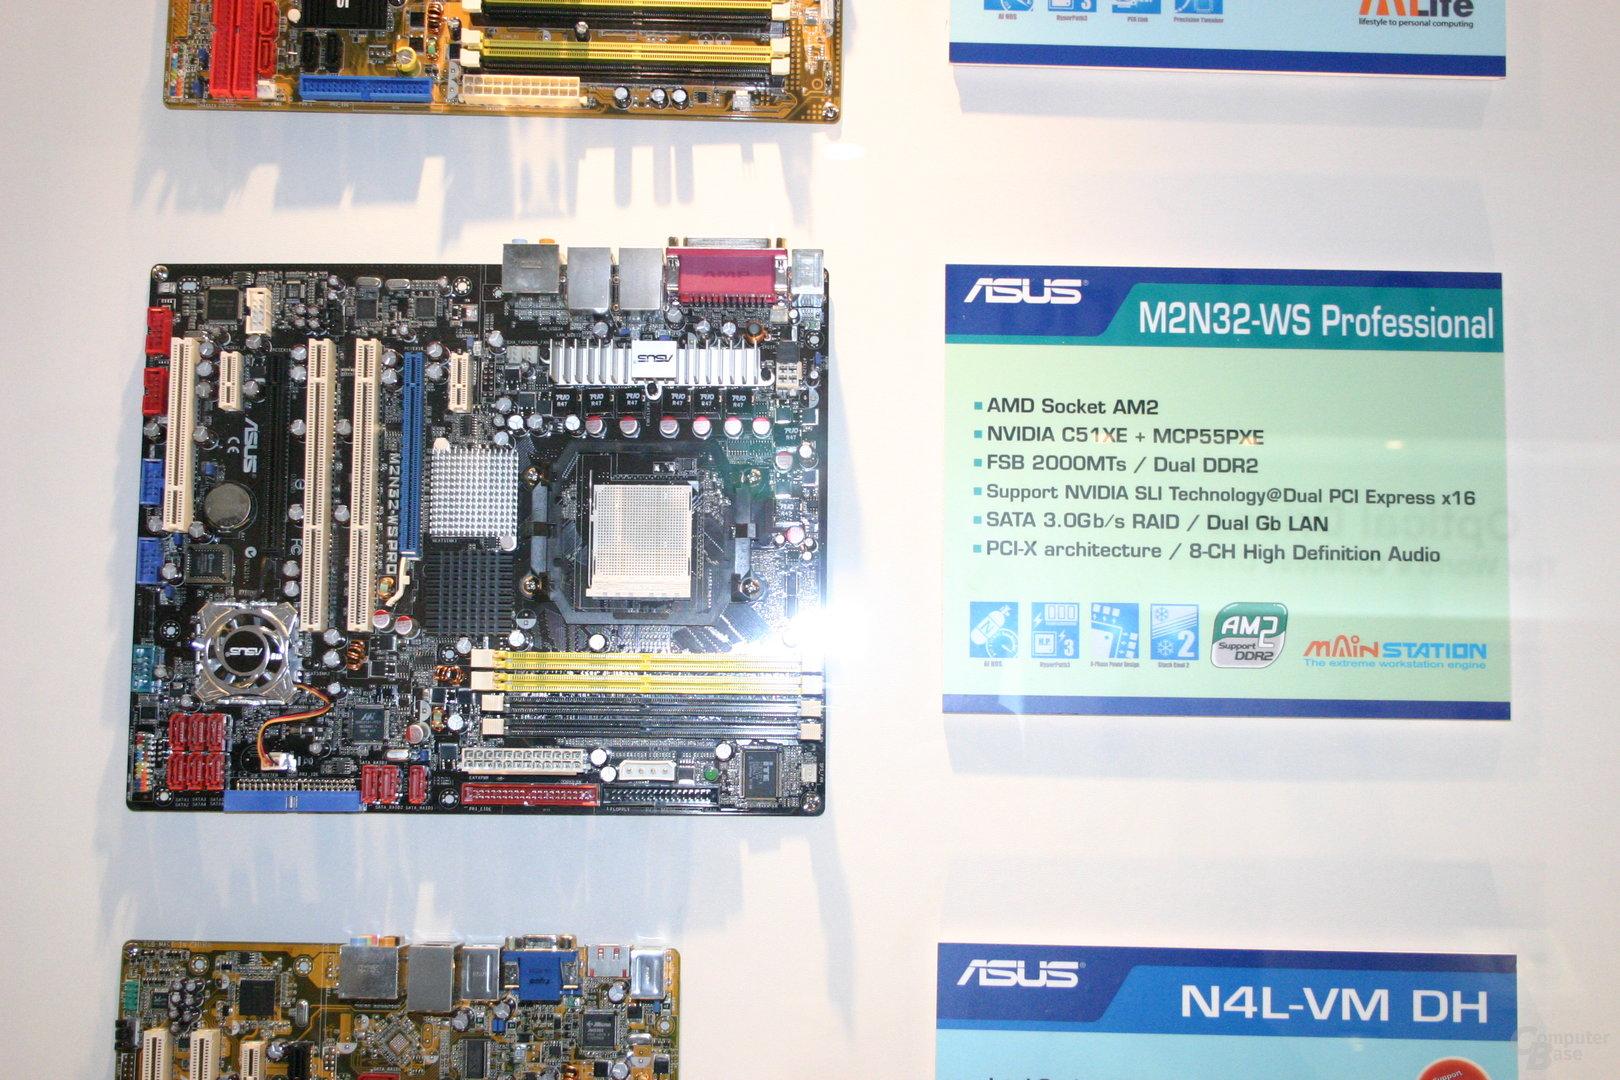 Asus M2N32-WS Professional